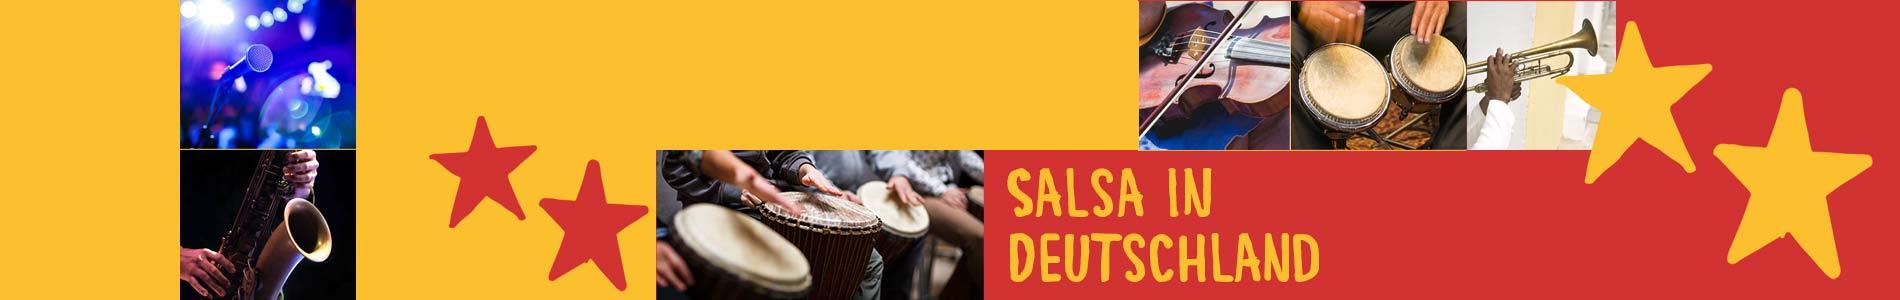 Salsa in Dettingen an der Erms – Salsa lernen und tanzen, Tanzkurse, Partys, Veranstaltungen